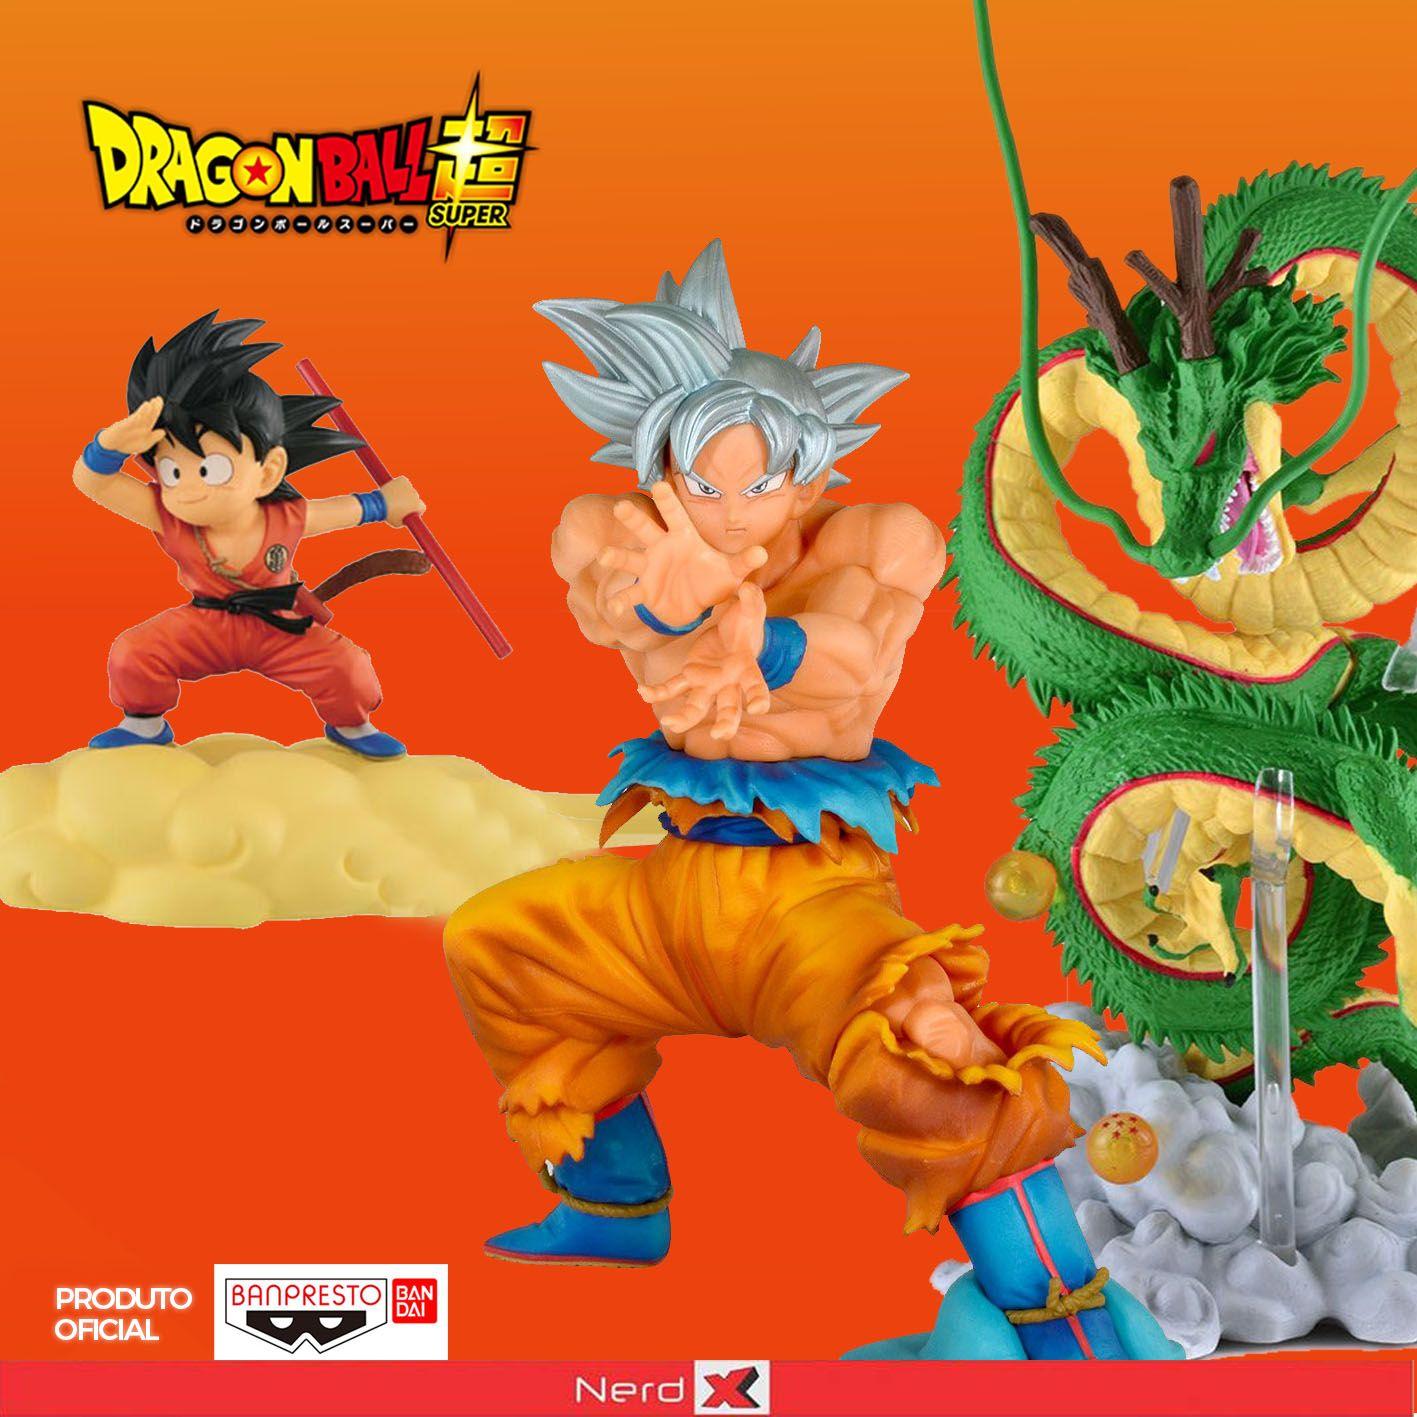 Wow, Action Figure Dragon Ball com Frete Grátis 😍😎👇